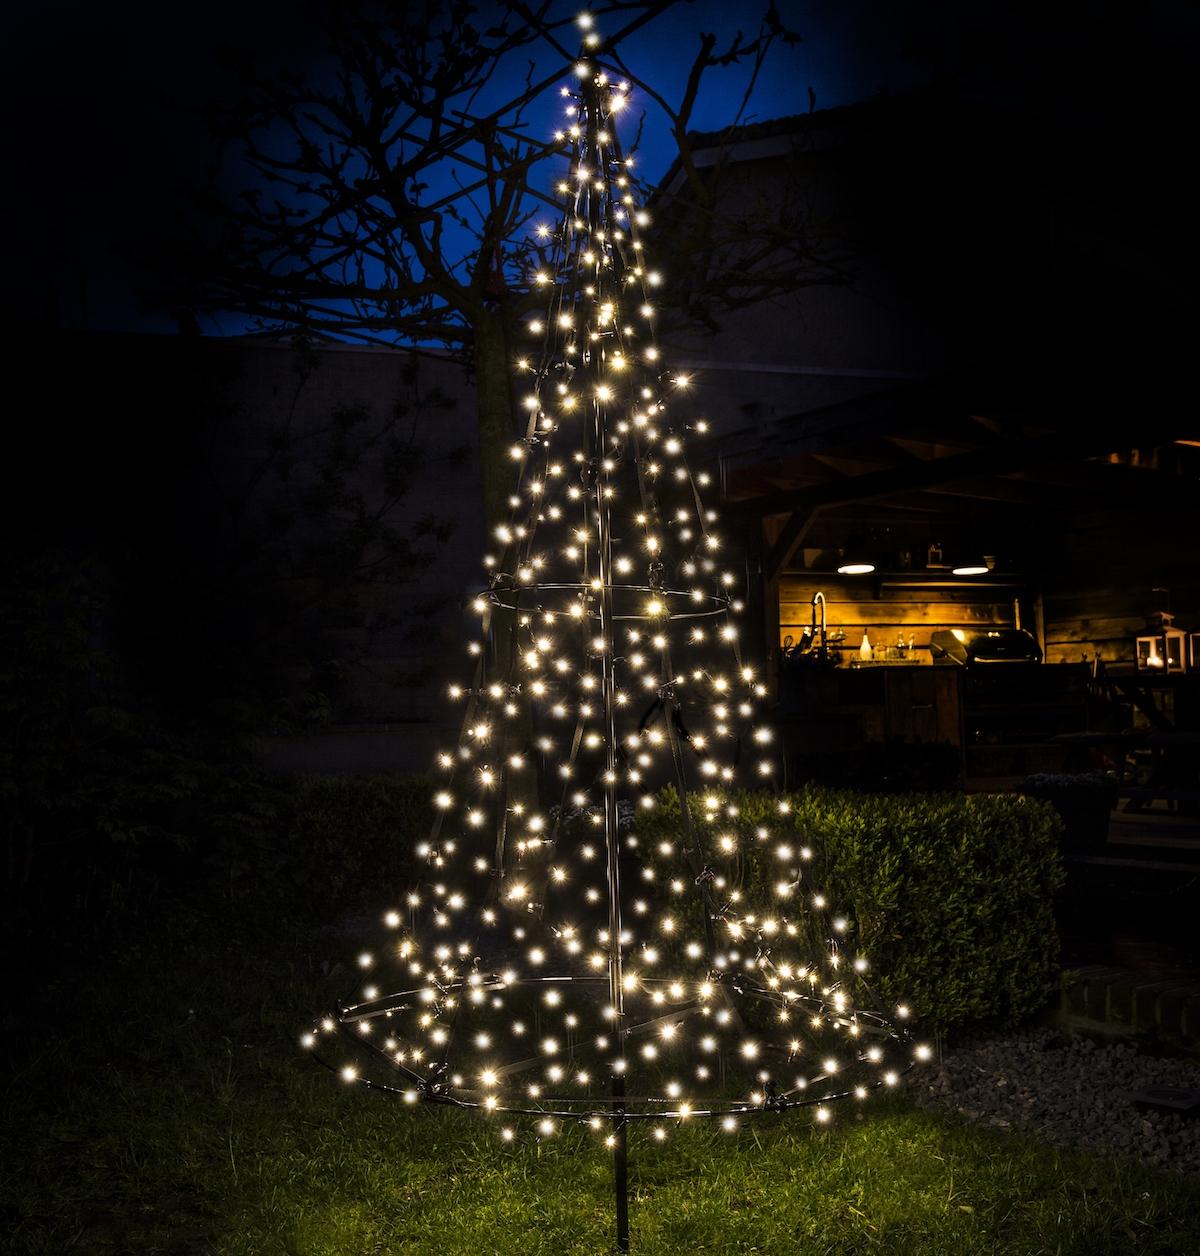 Fairybell 3,0 m | LED julelys og 230V tilbehør